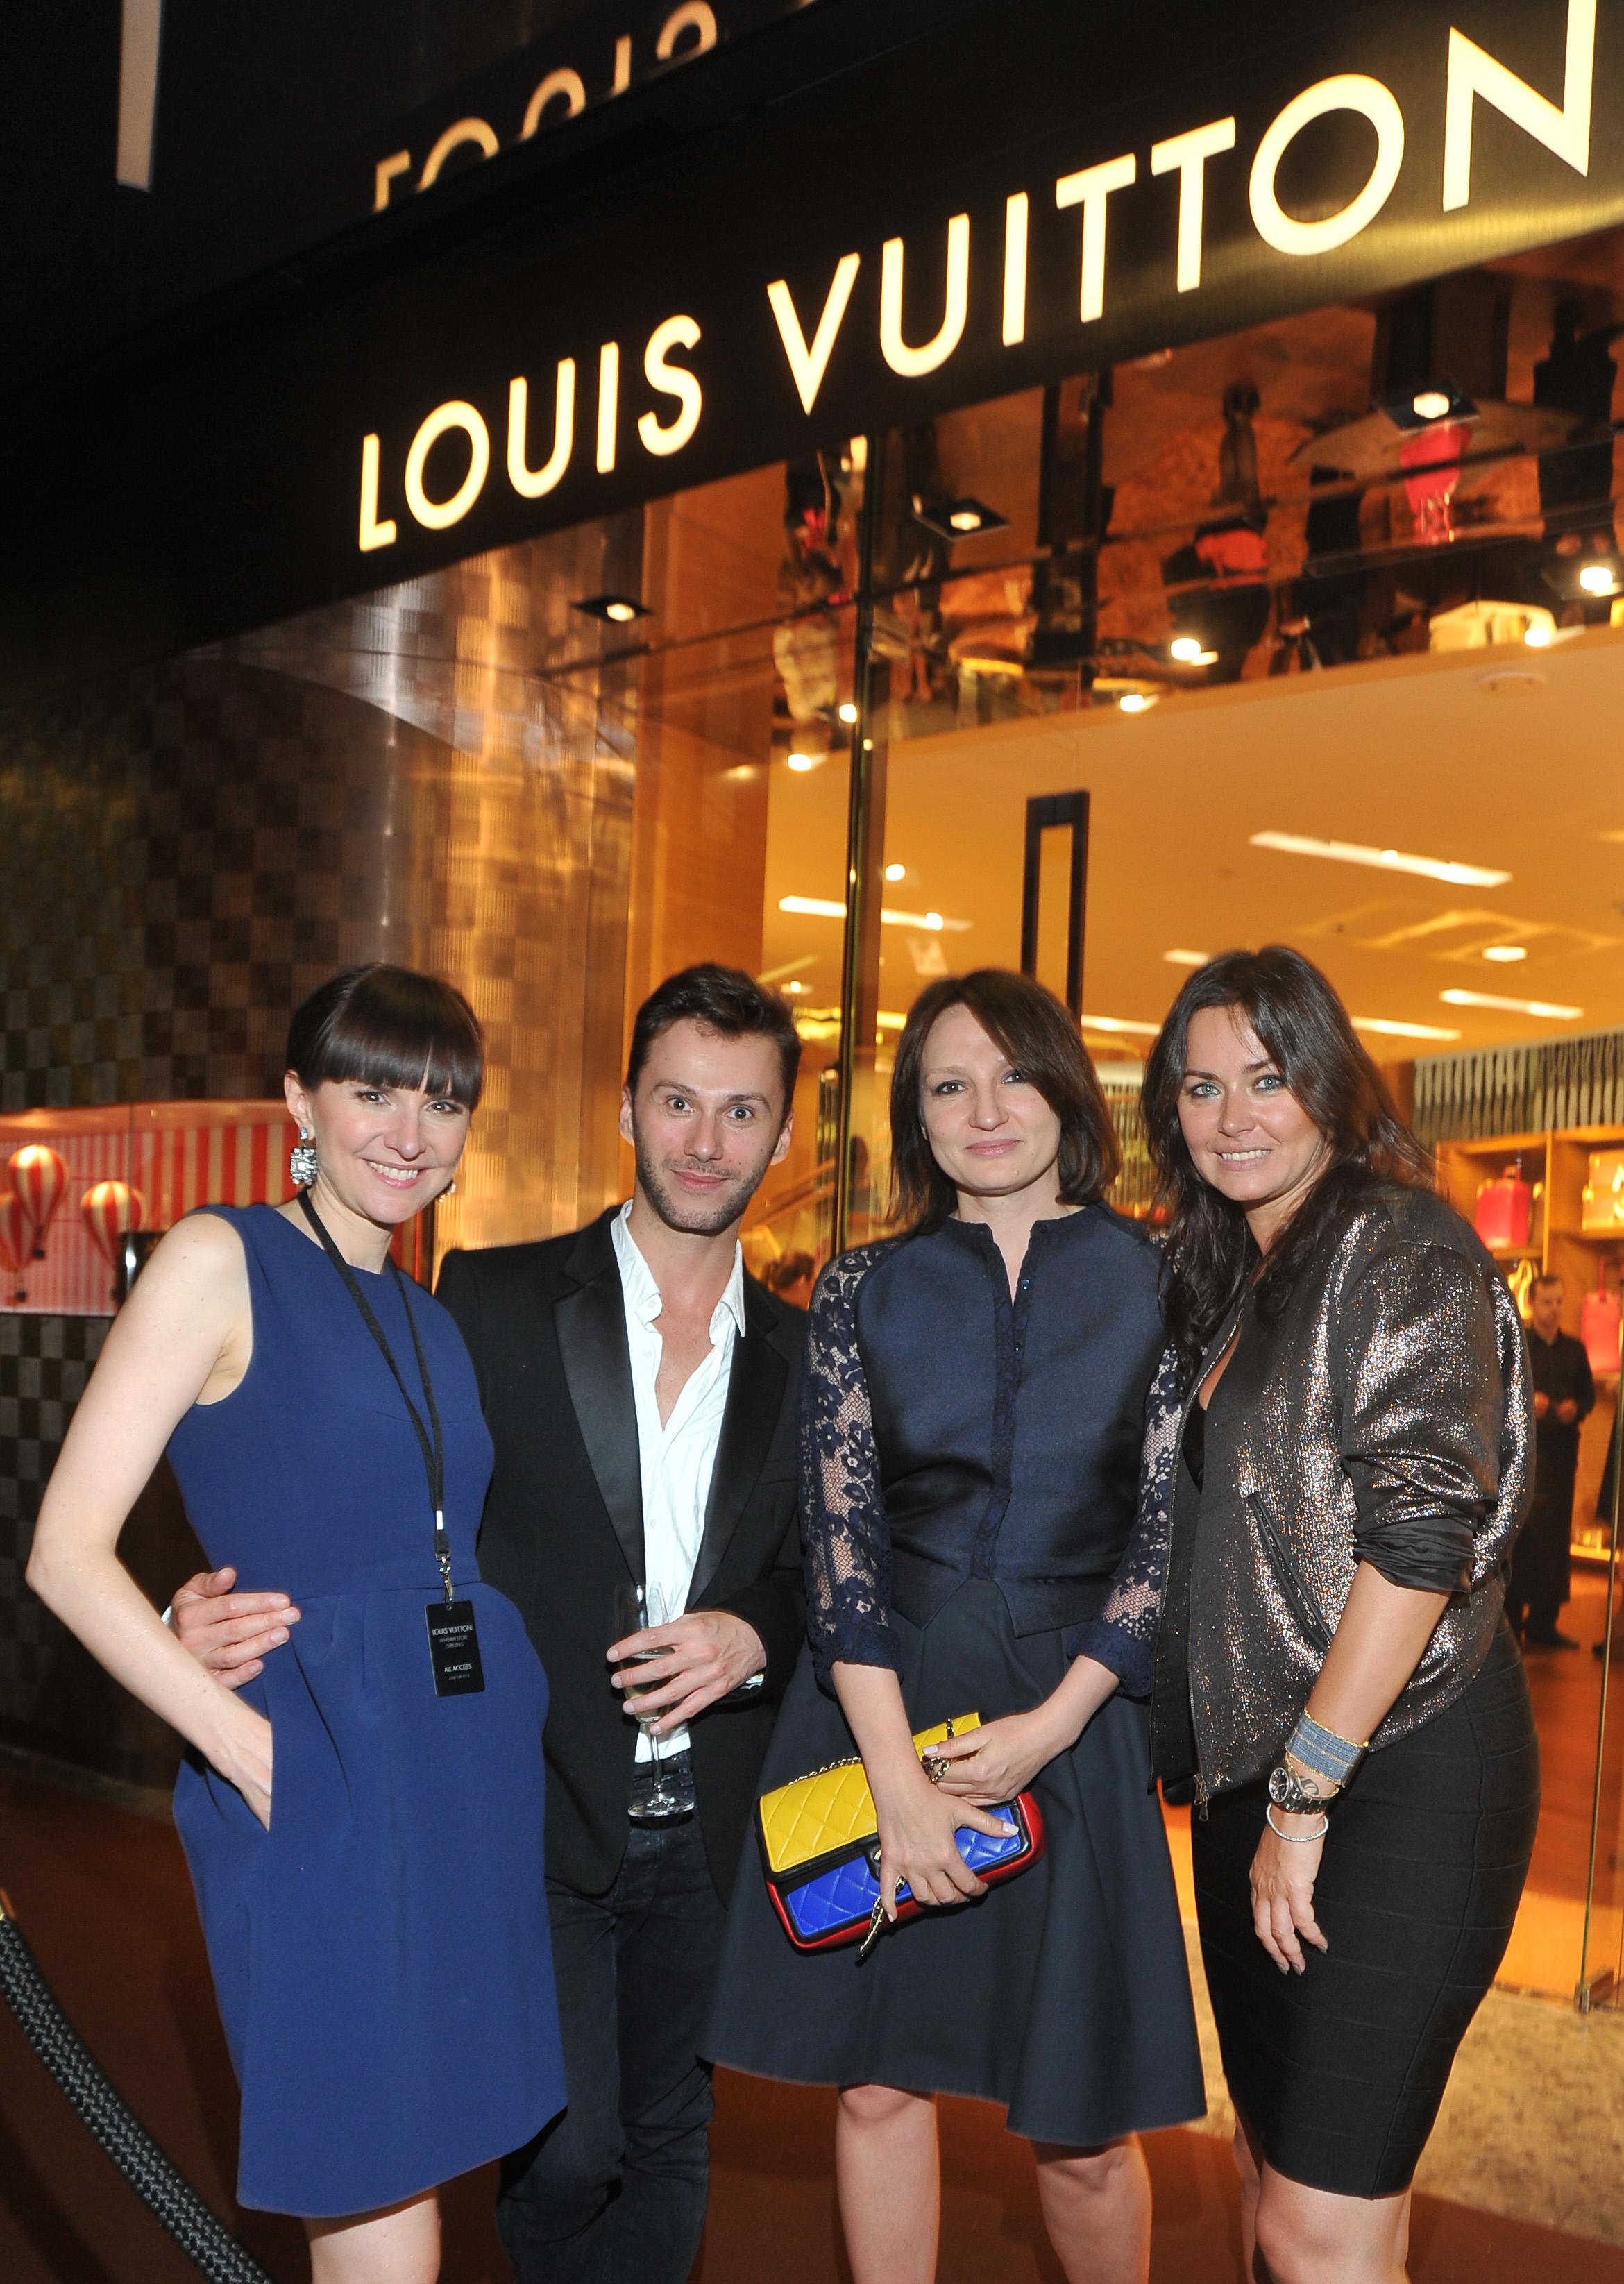 ; Louis Vuitton - otwarcie pierwszego sklepu w Polsce, dom handlowy Vitkac, Warszawa, 2013.06.13; fot. Dix / EPOKA